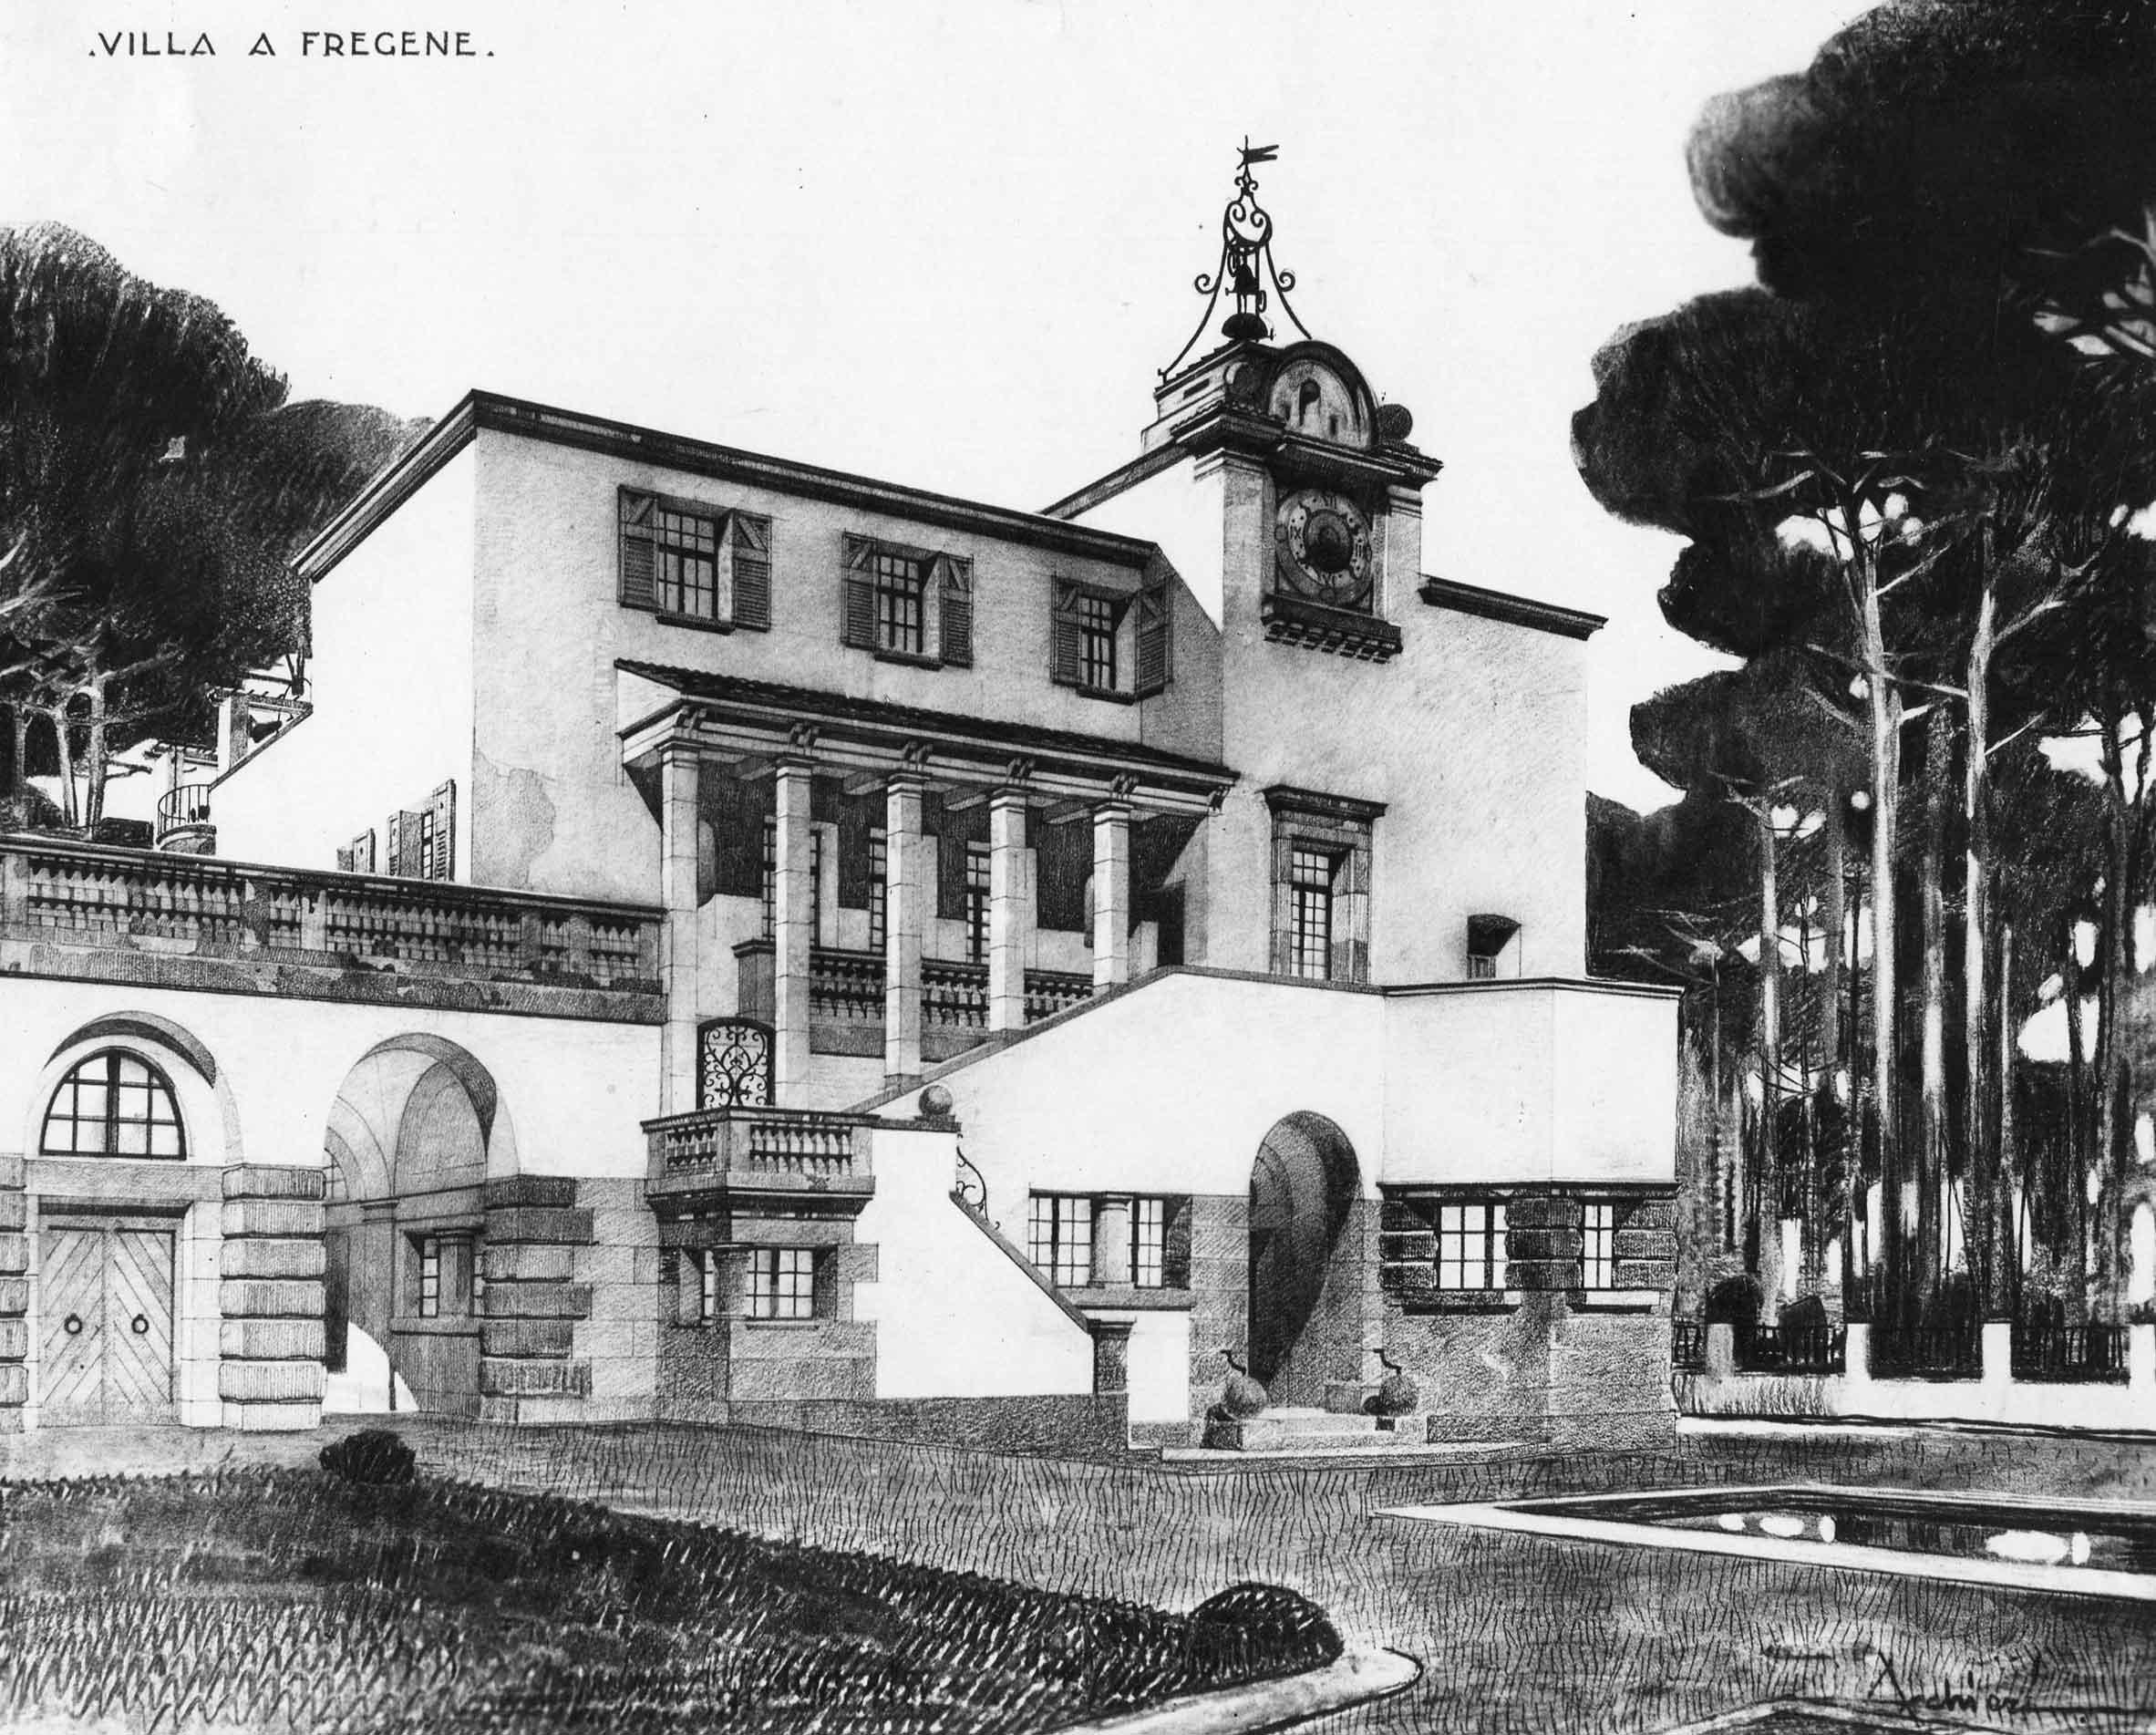 Progetto per una villa a Fregene (Roma)